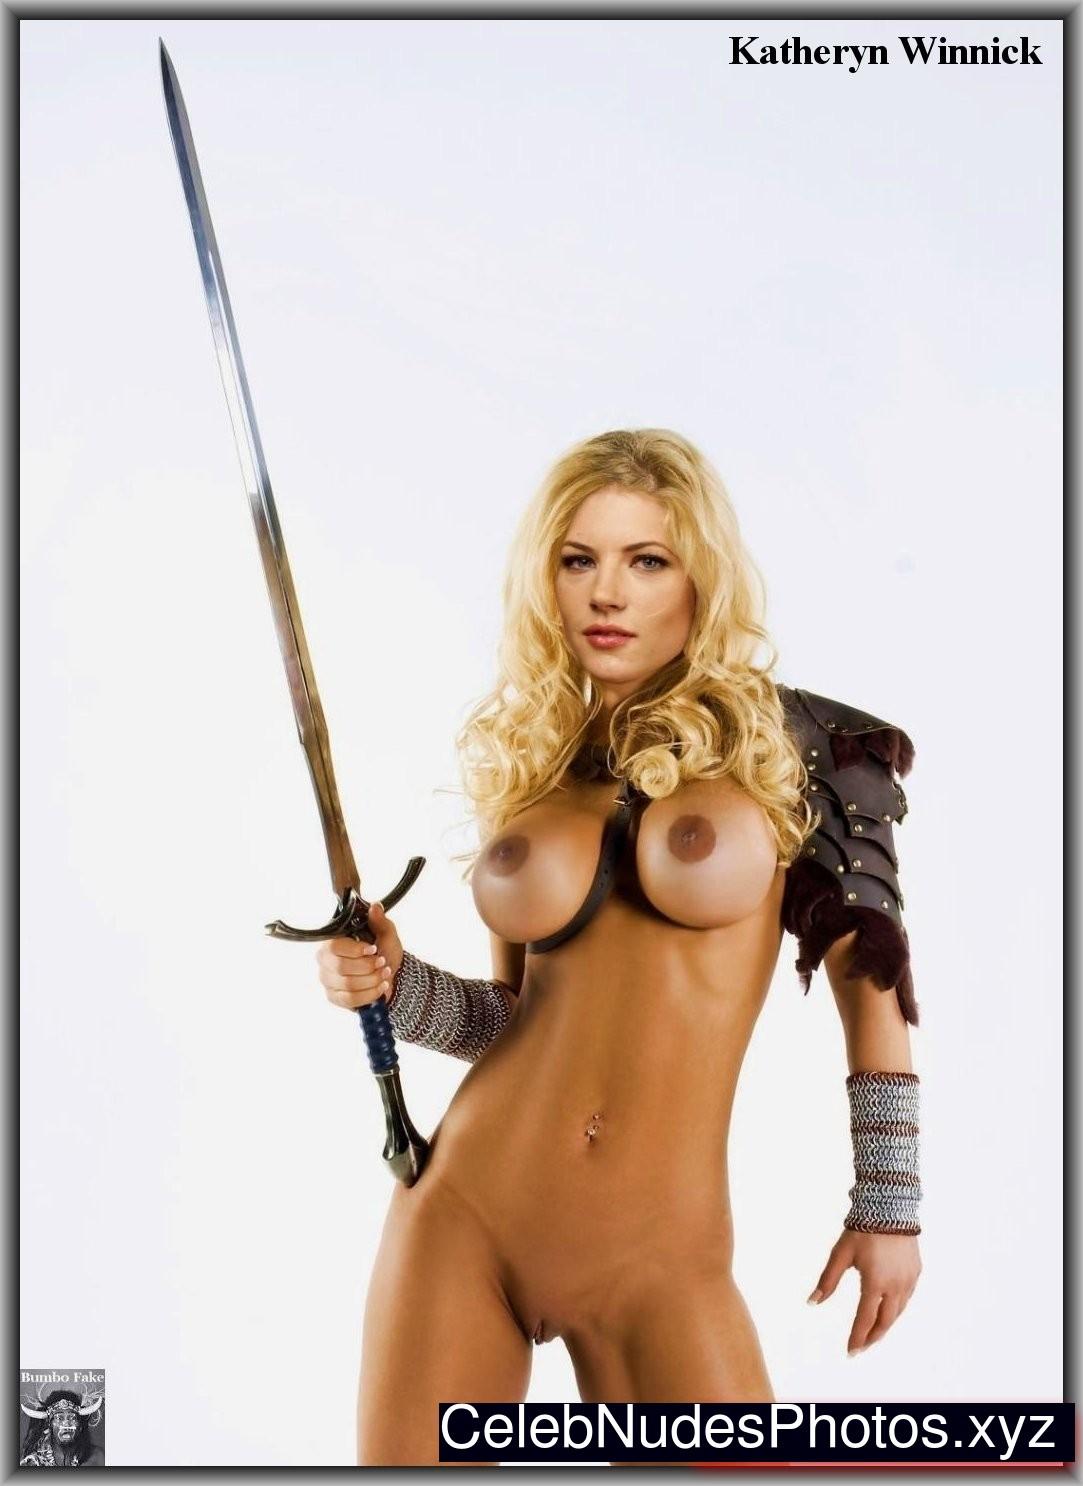 katheryn winnick nude photos